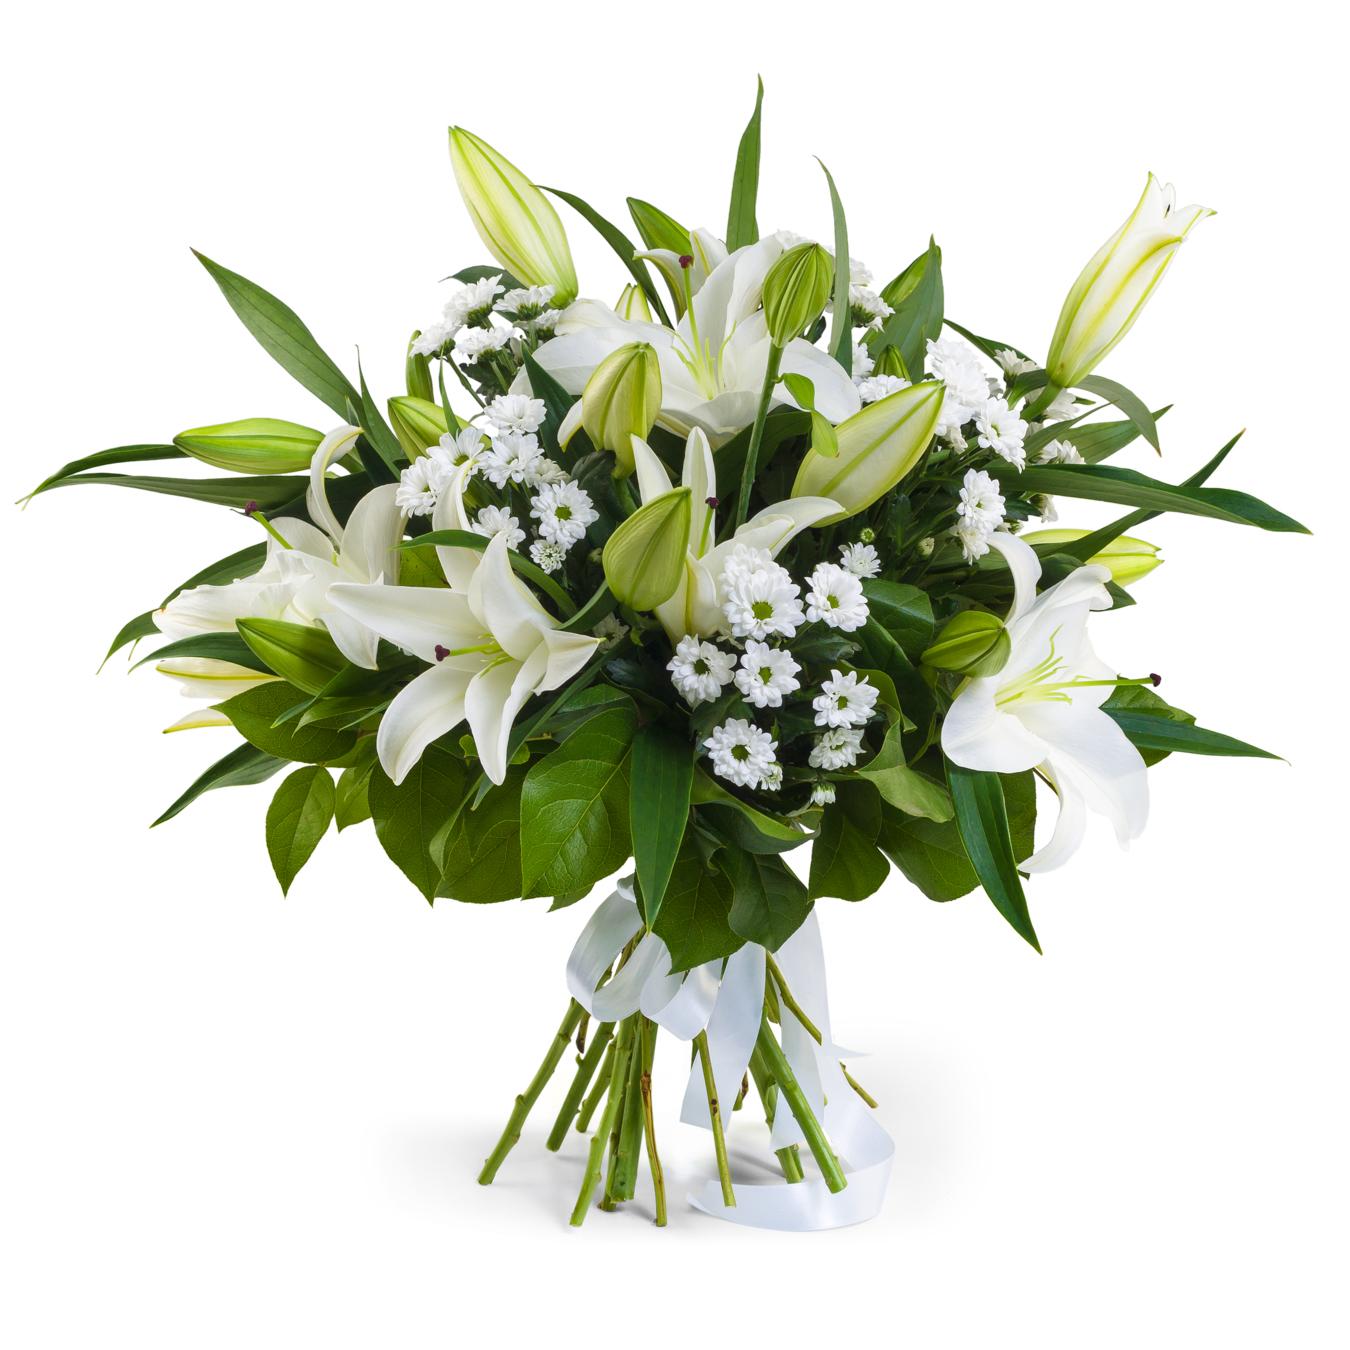 Снежная Королева<br>Ингредиенты: Салал, Хризантема сантини 6 шт, Лилия  5 шт;